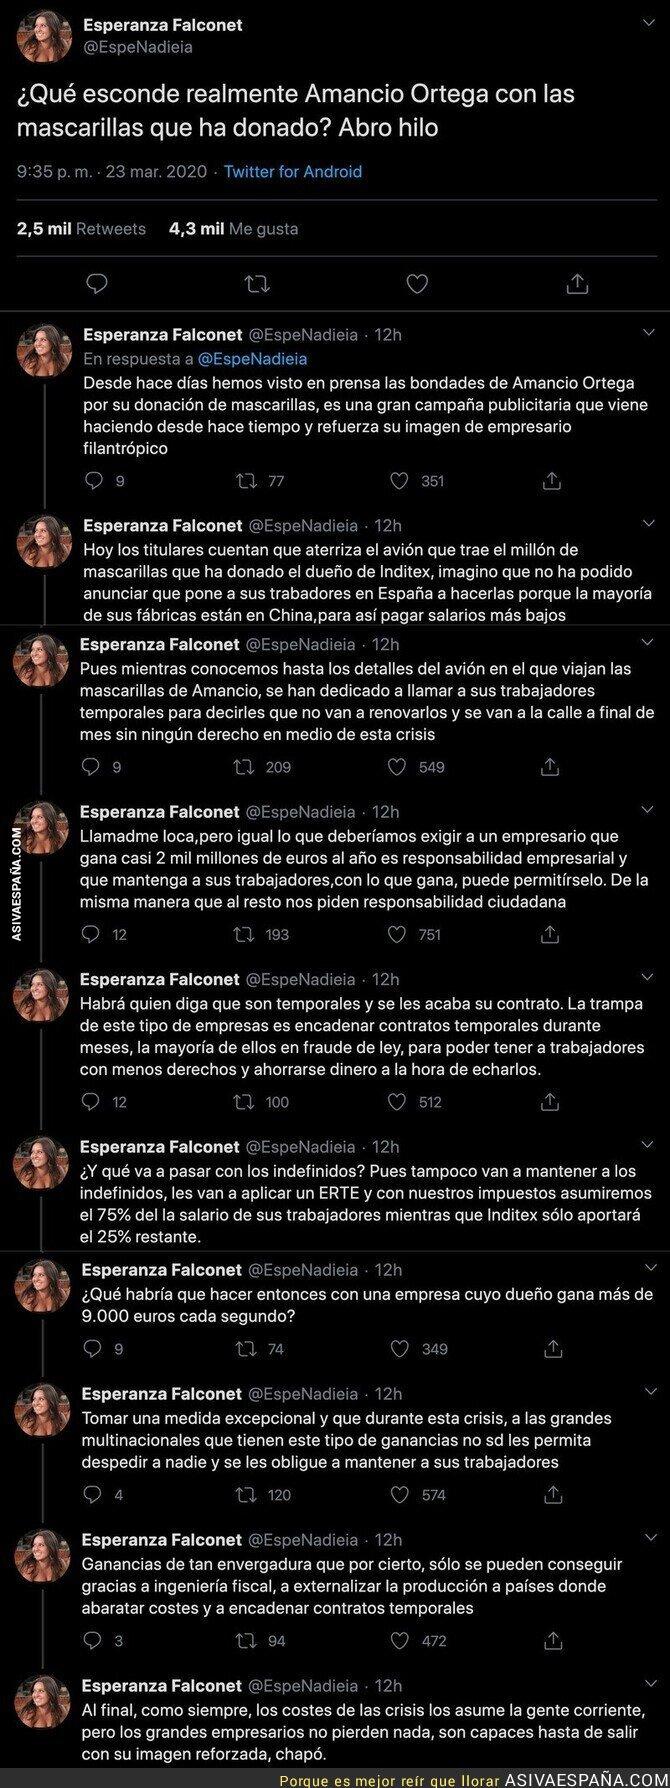 139400 - Todo lo que esconde las donaciones de mascarillas de Amancio Ortega por la crisis del coronavirus